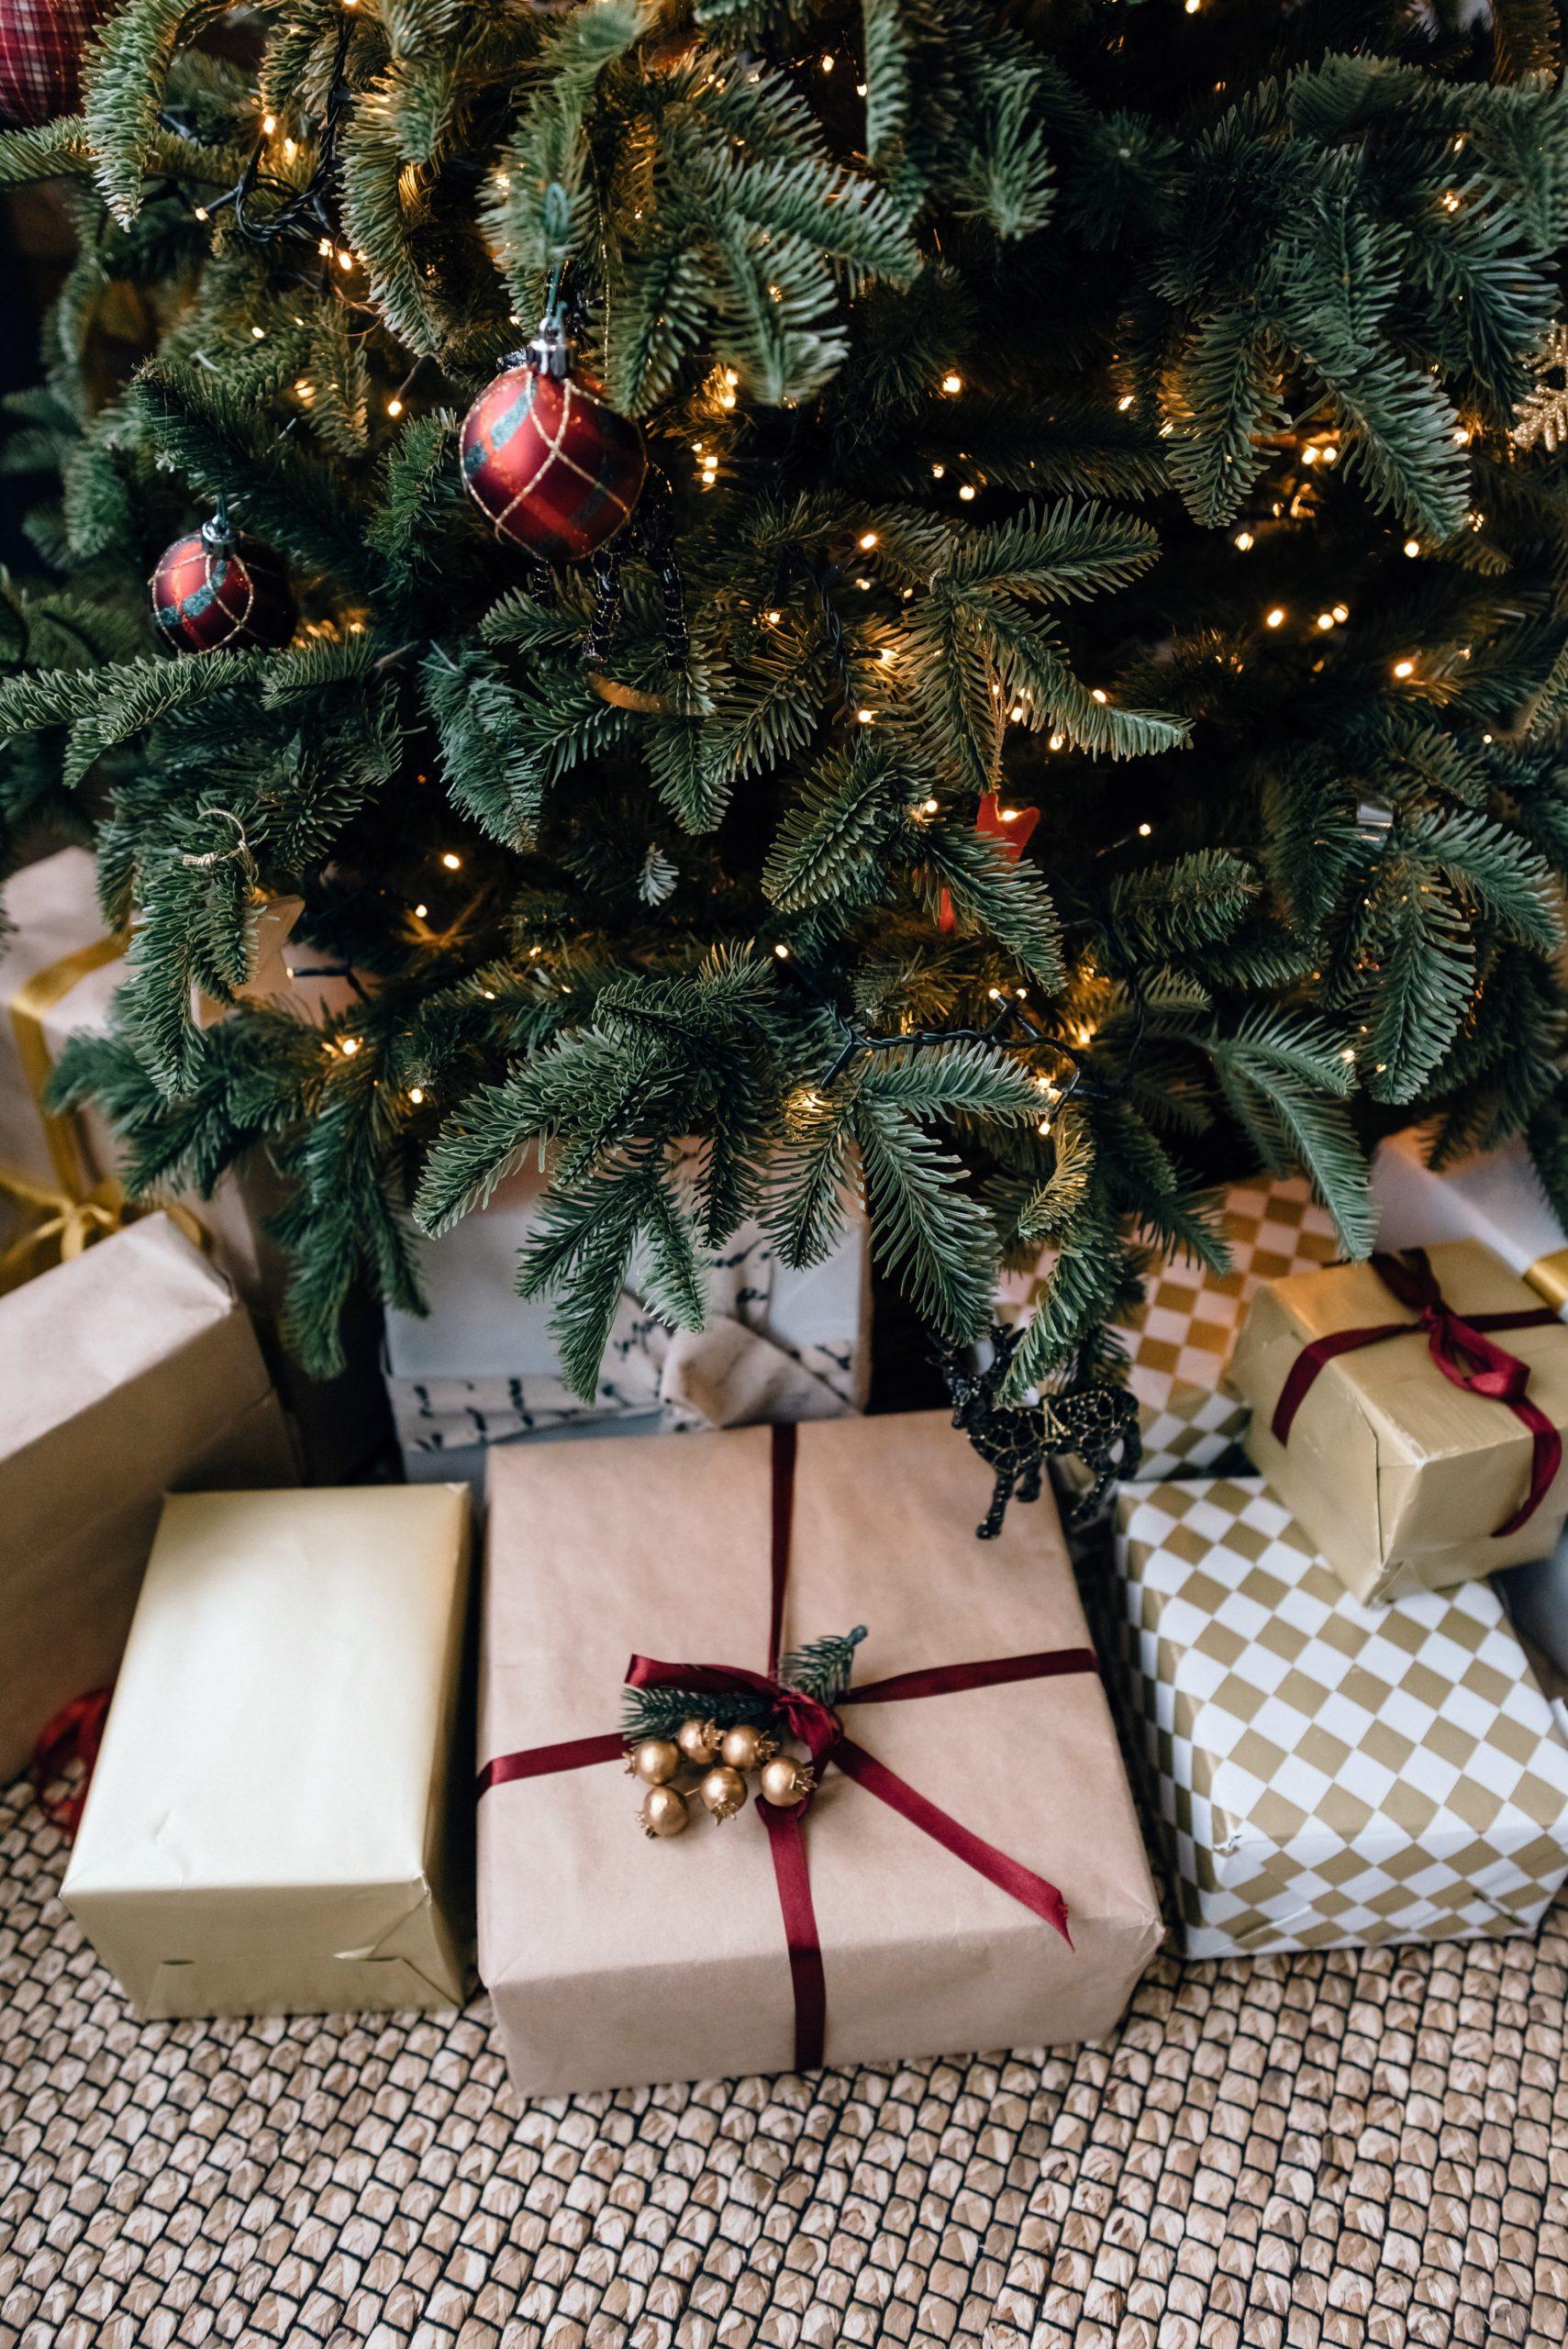 Hacia una Navidad hiperconectada sin contacto